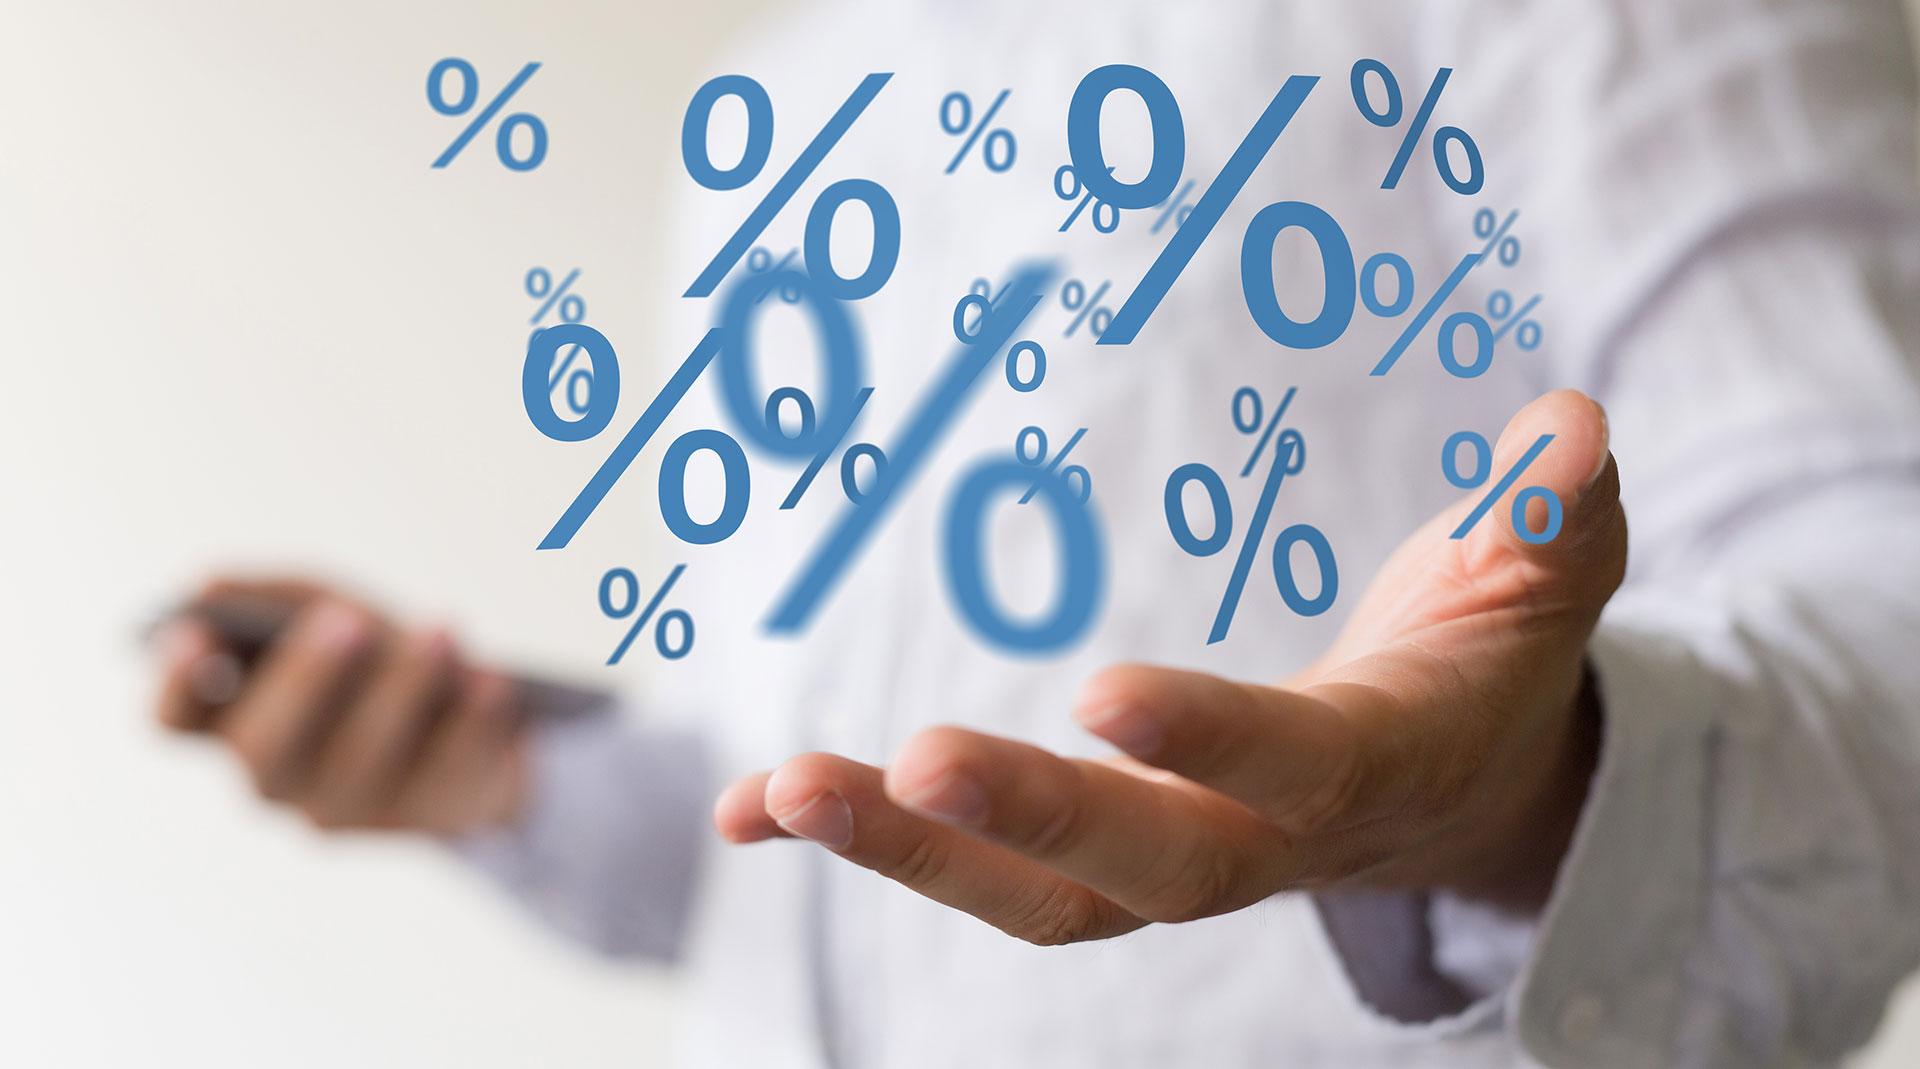 Bons - réduction - pourcentage - %